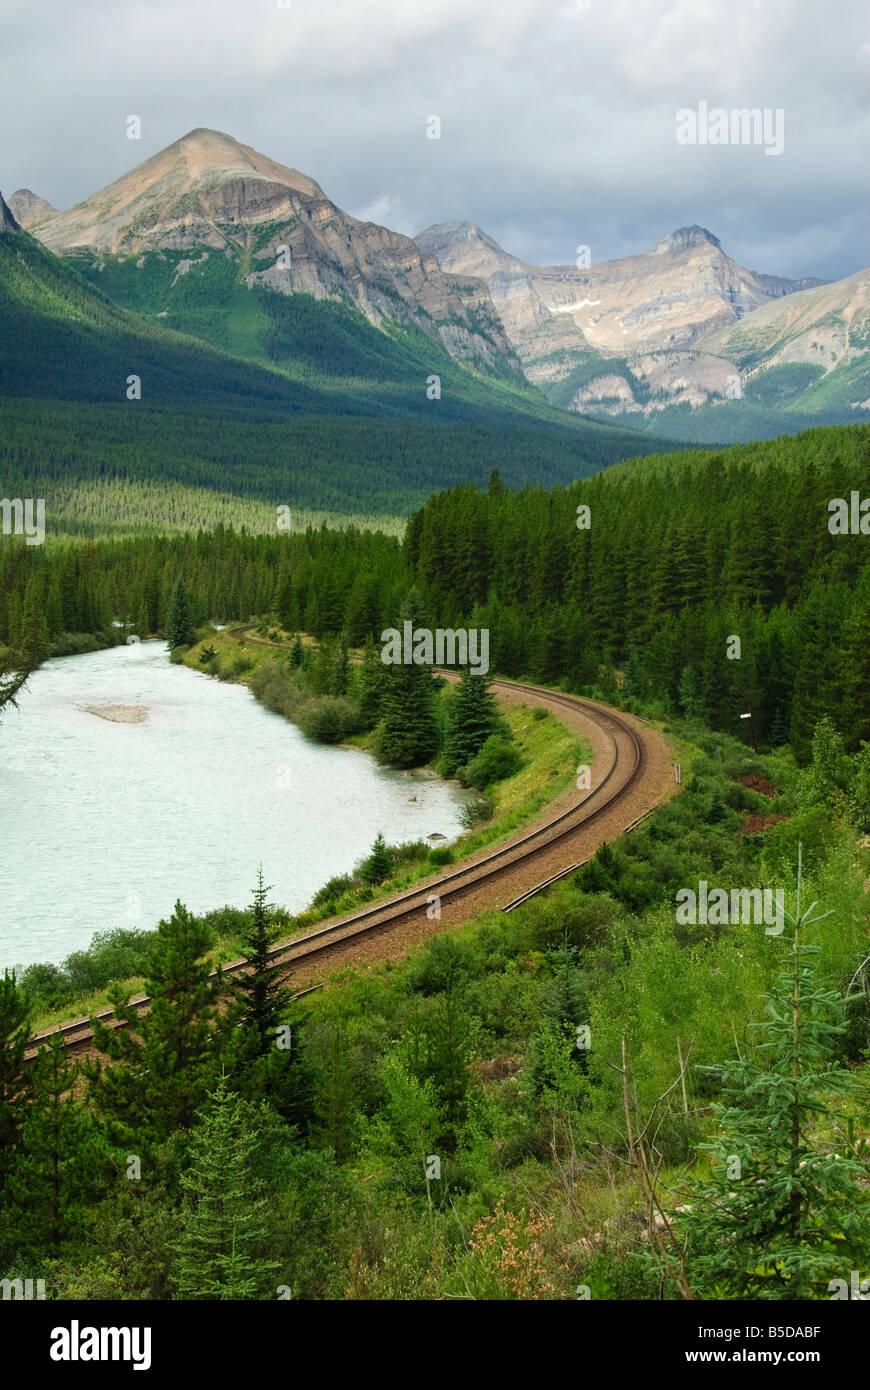 Gleise überquert die kanadischen Rockies in Banff Nationalpark, Alberta, Kanada Stockbild